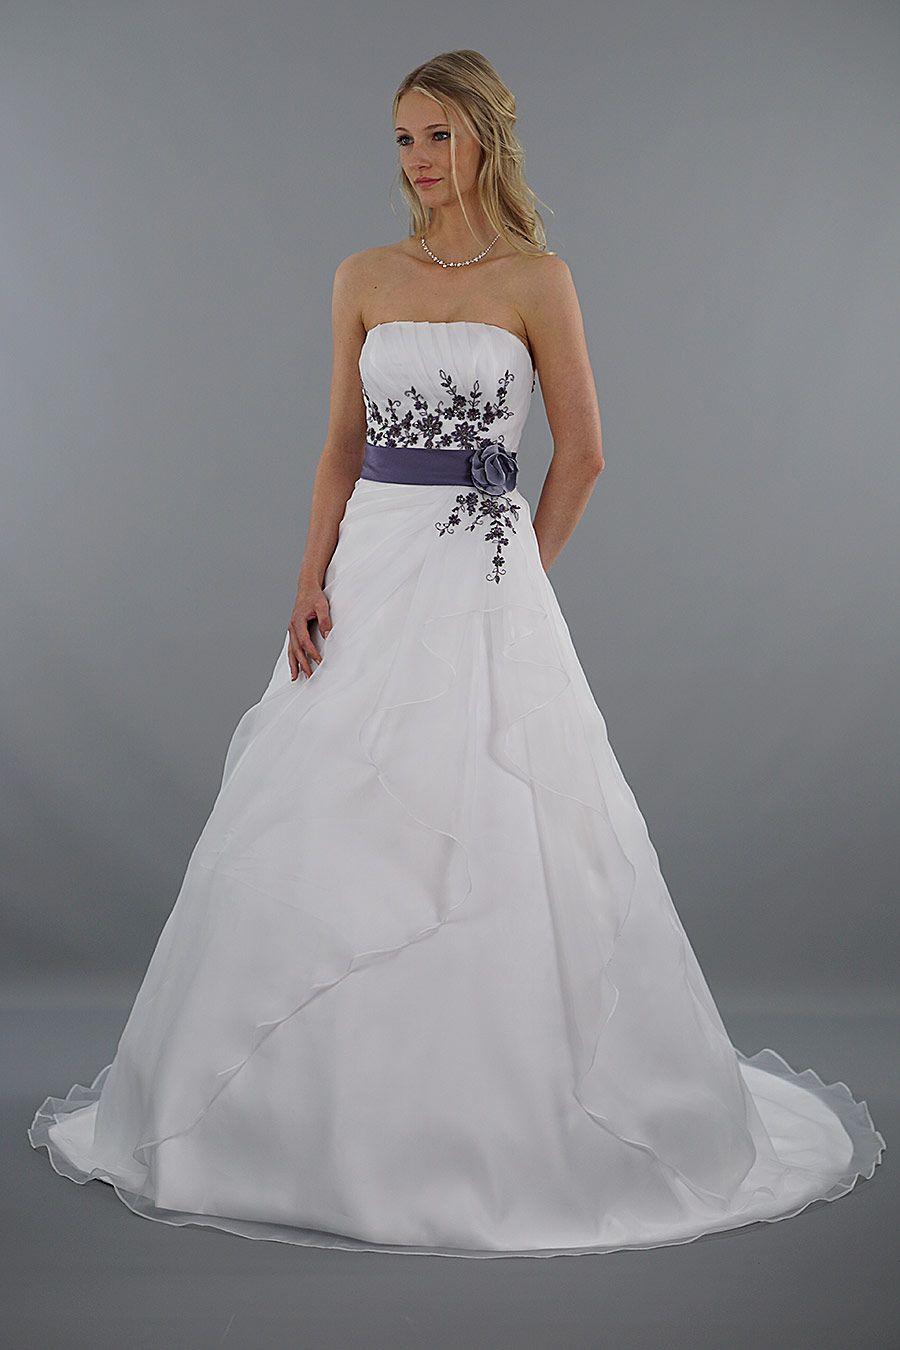 Modell Leona   Farbe weiß, Lila und Brautkleid